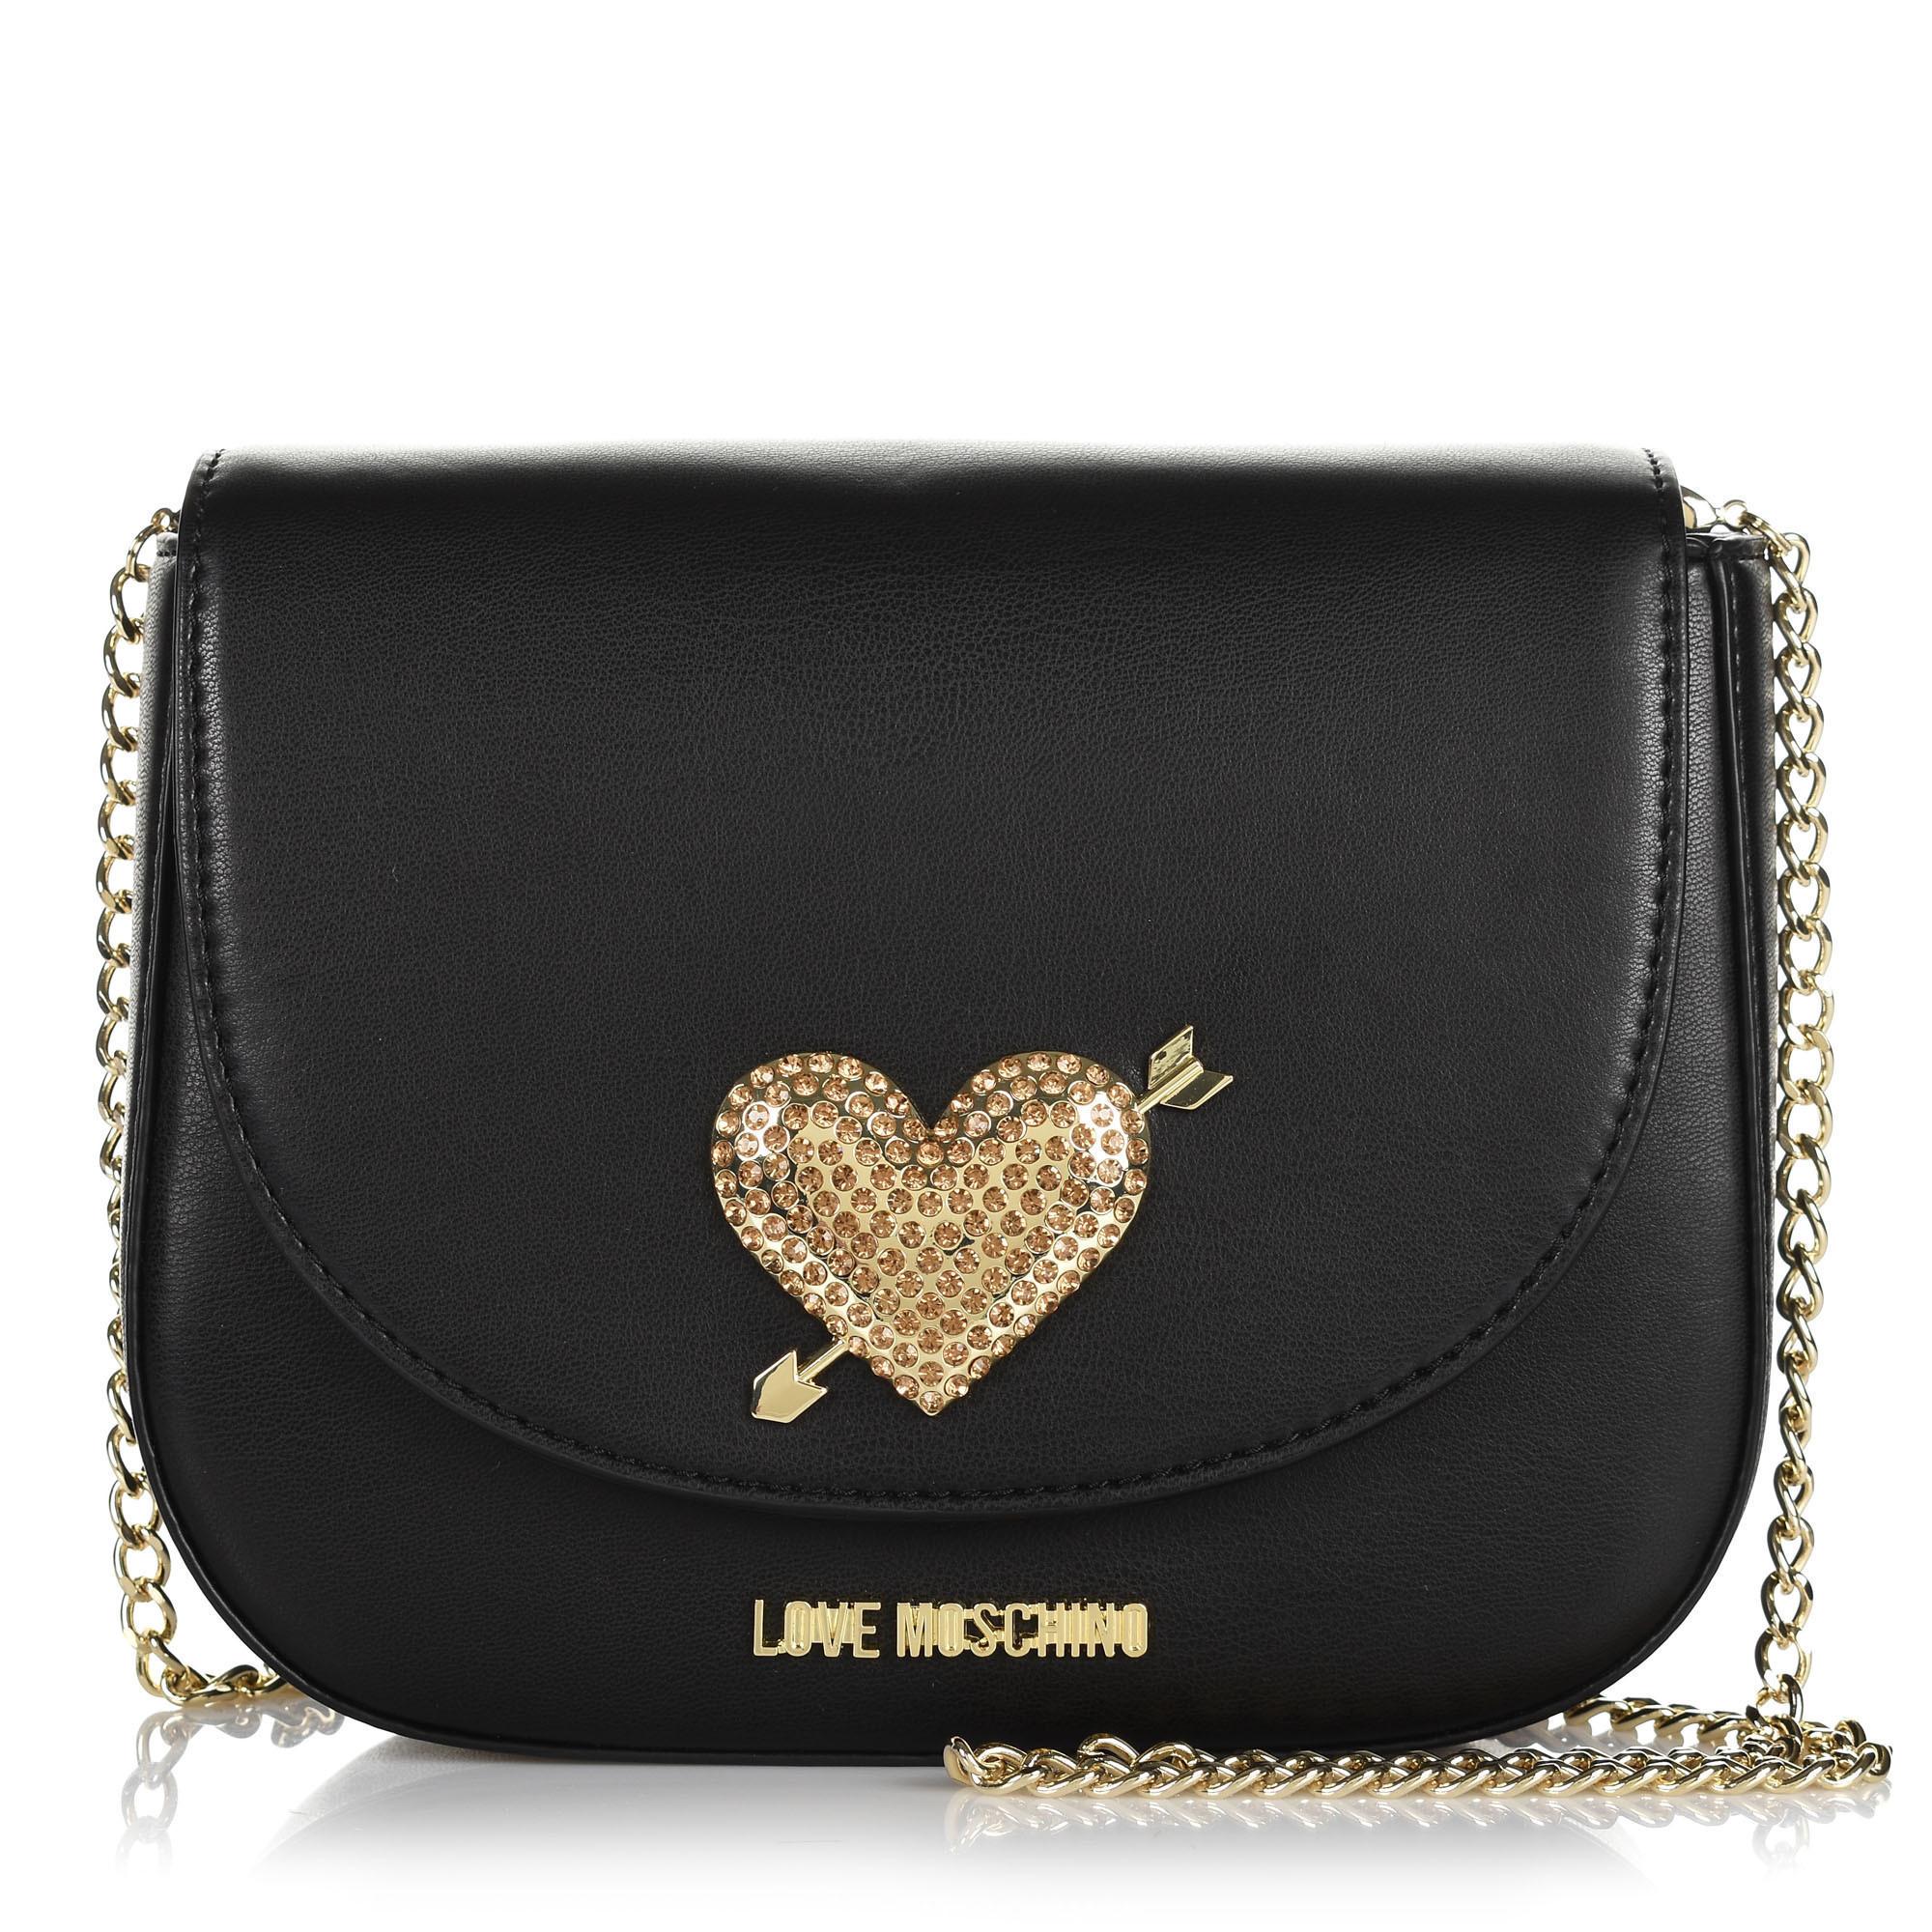 ΤΣΑΝΤΑ LOVE MOSCHINO – Boutique Dil 130d581a007